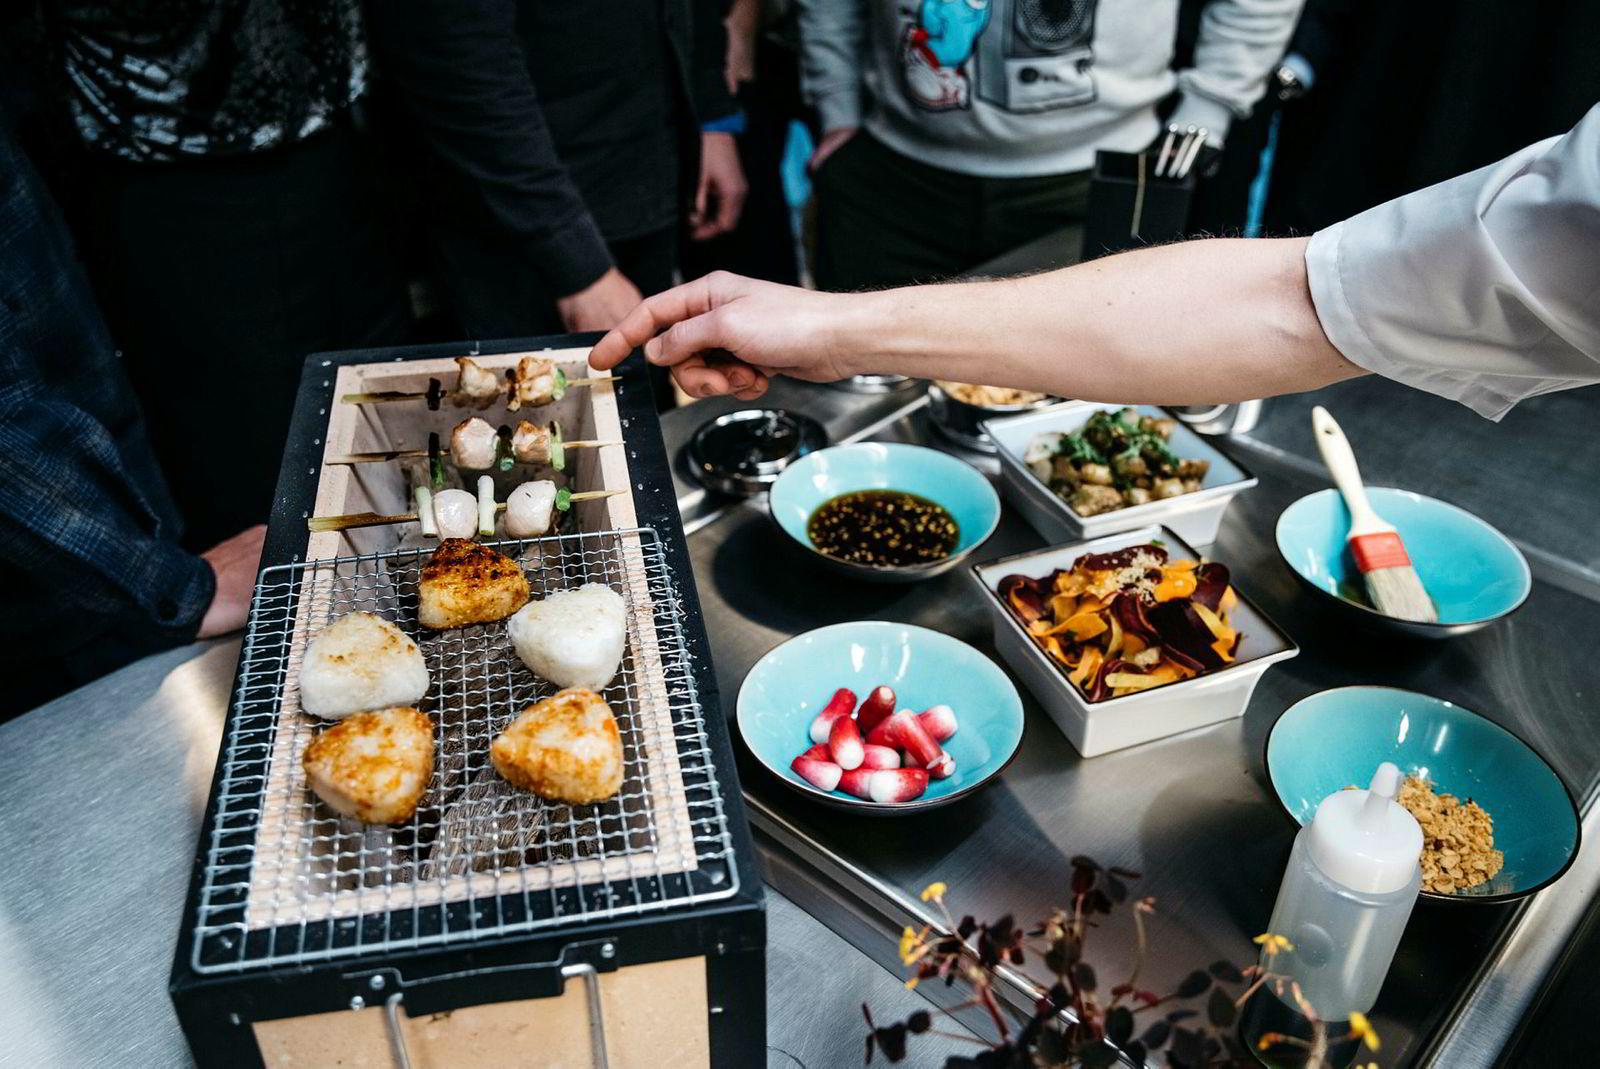 Mandag blir det japanske småretter i Braathen-«kantinen» i Haakon VII gate 2. Maten lages blant annet på yakitorigrillen til venstre i bildet.